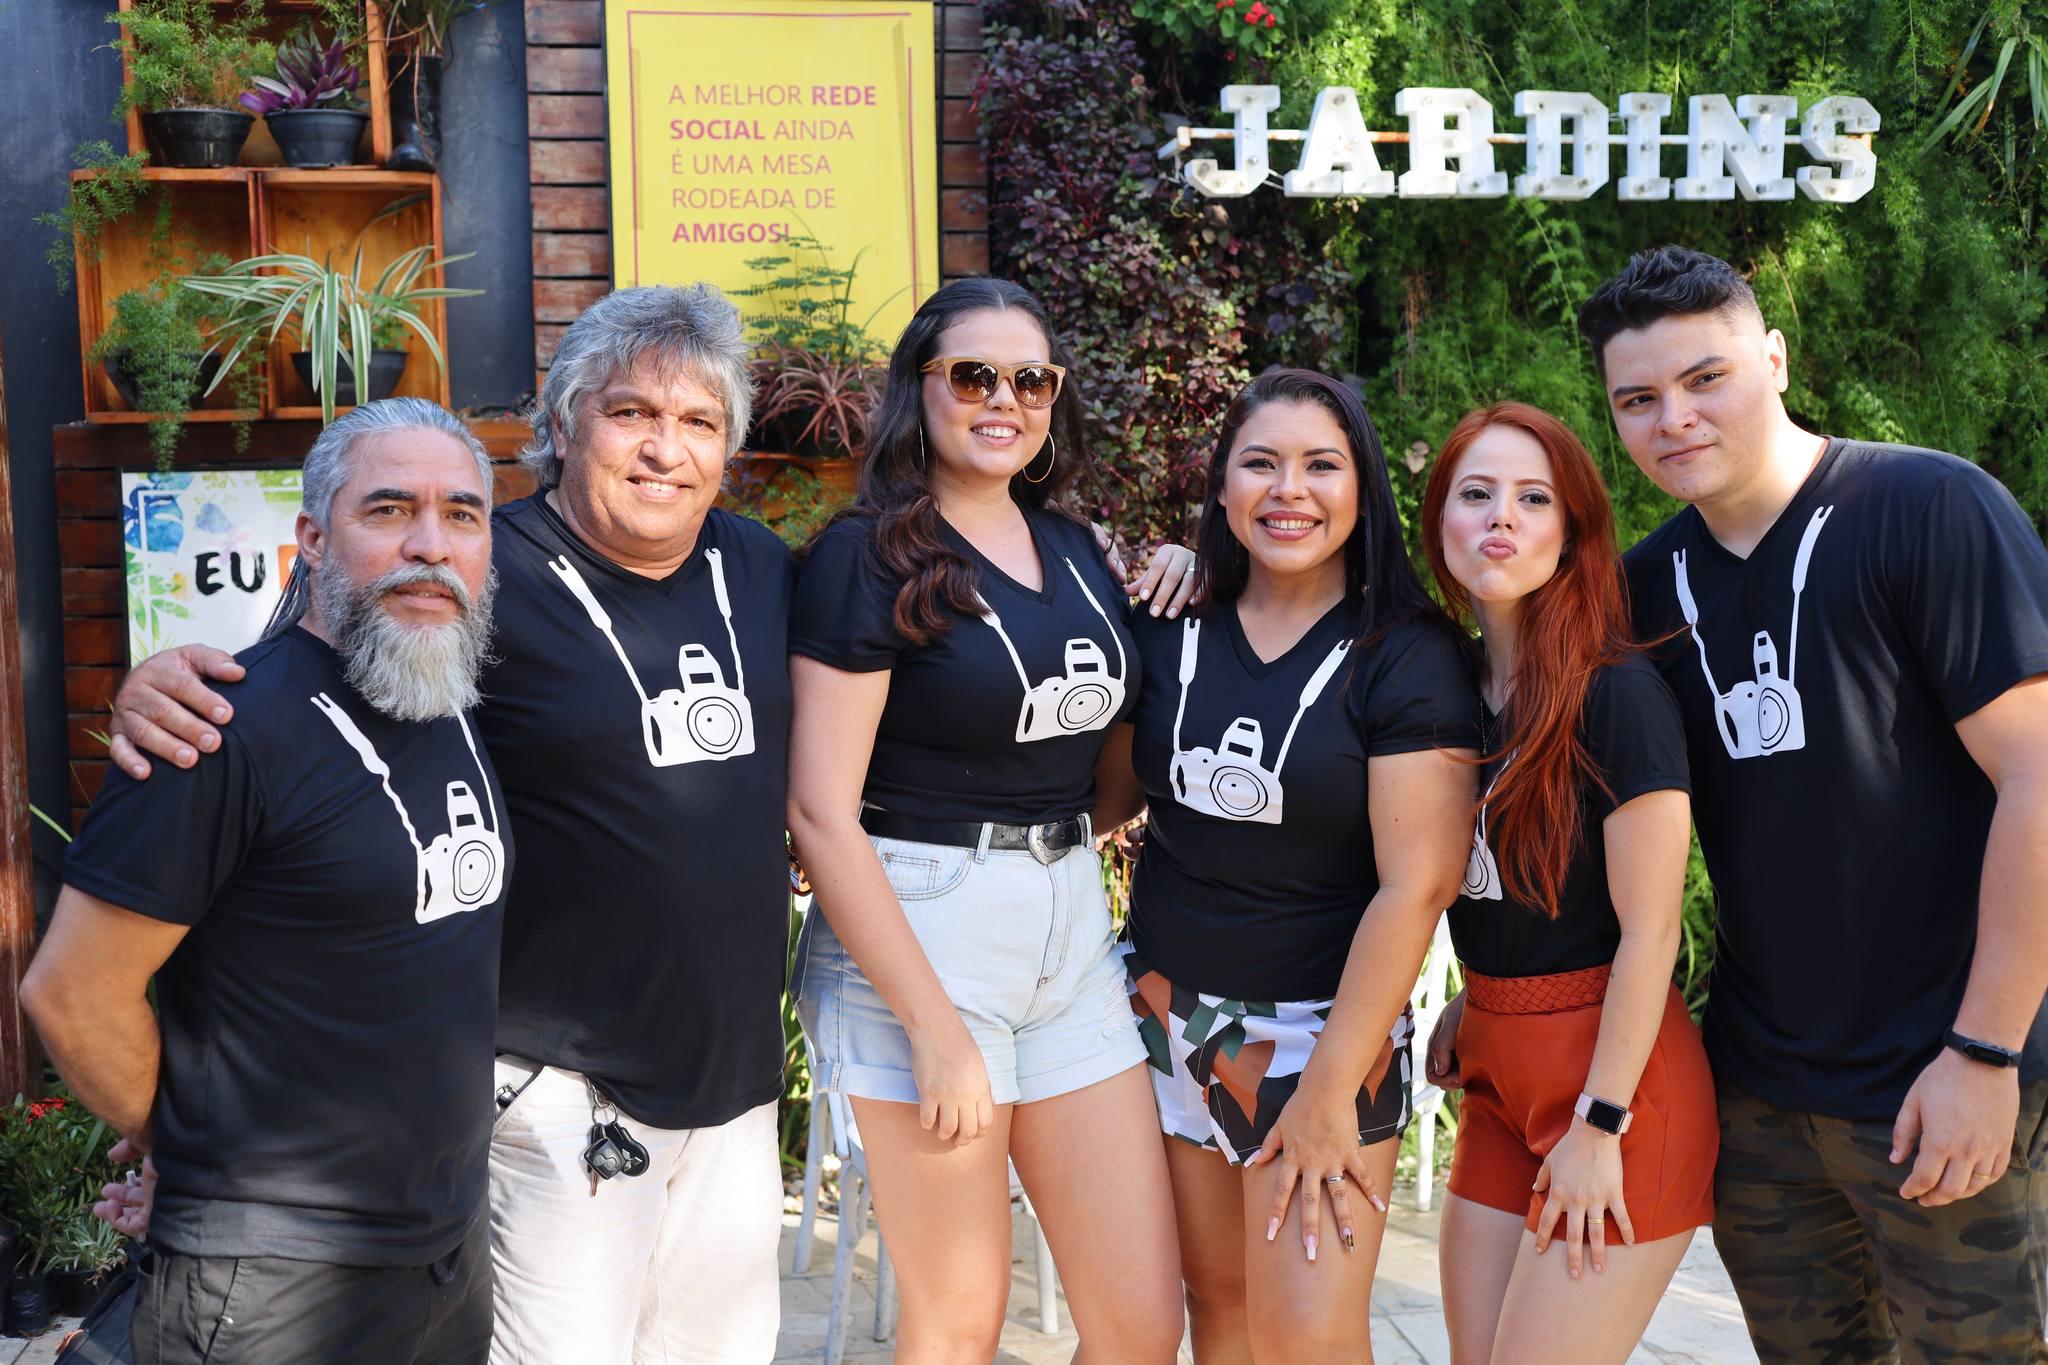 Jardins Lounge Bar serve de cenário para a Confraternização dos Fotógrafos Sociais de Fortaleza